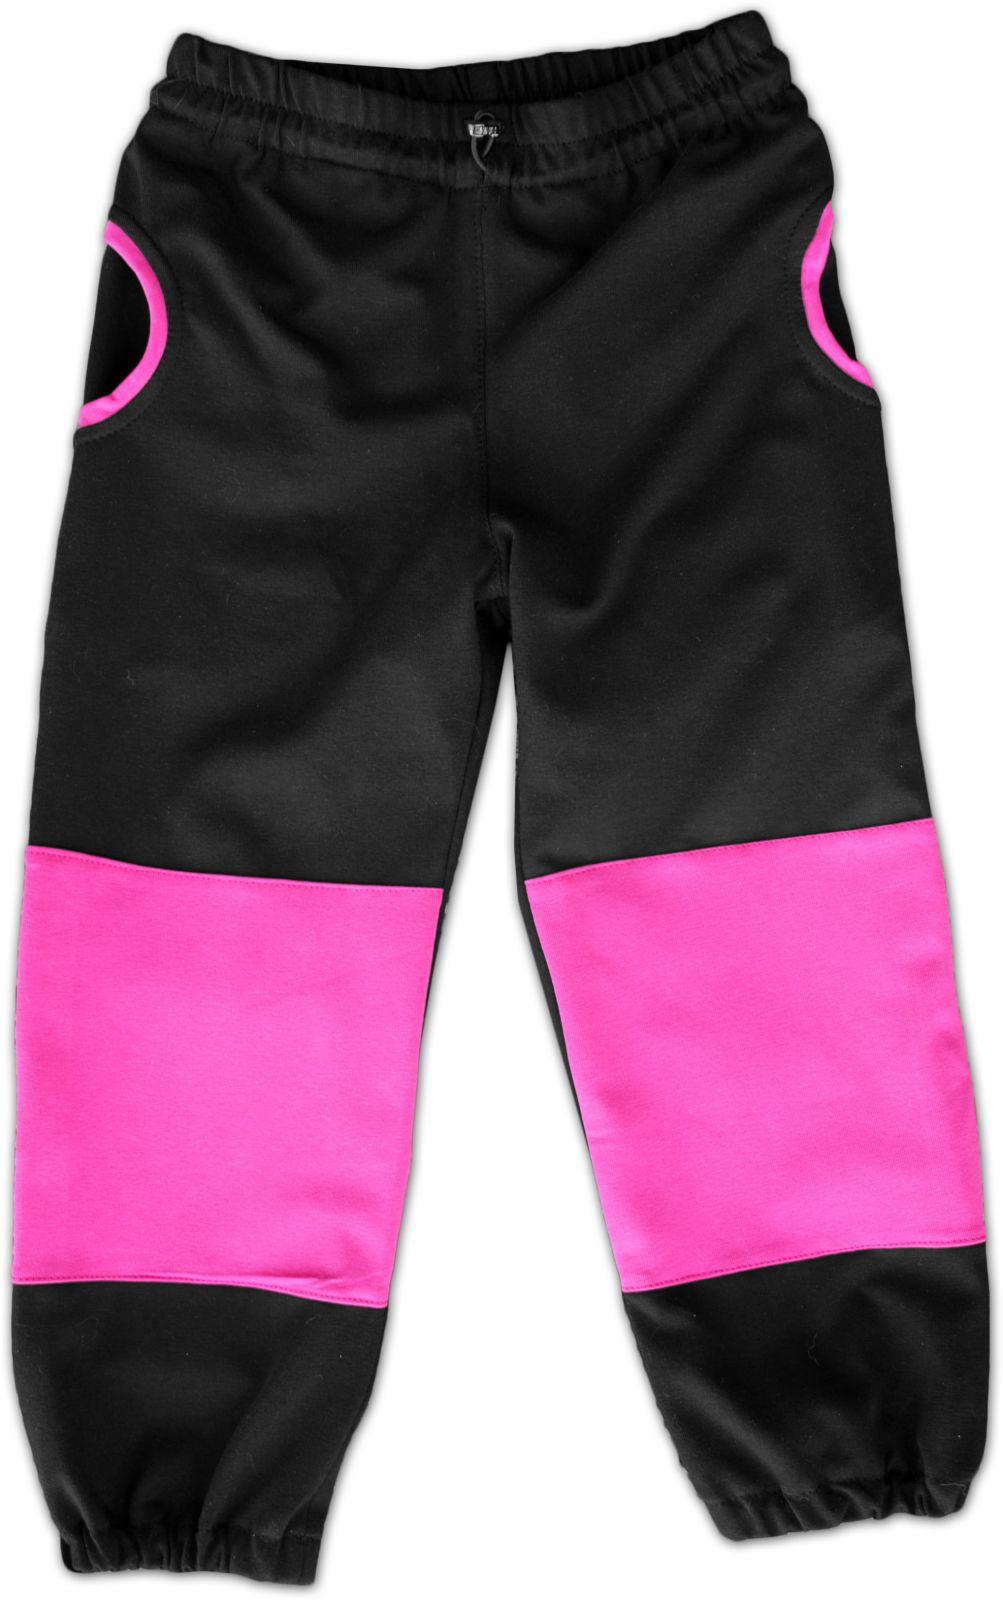 Dětské tepláky s kapsami, bavlněné, černá/růžová, velikost 122